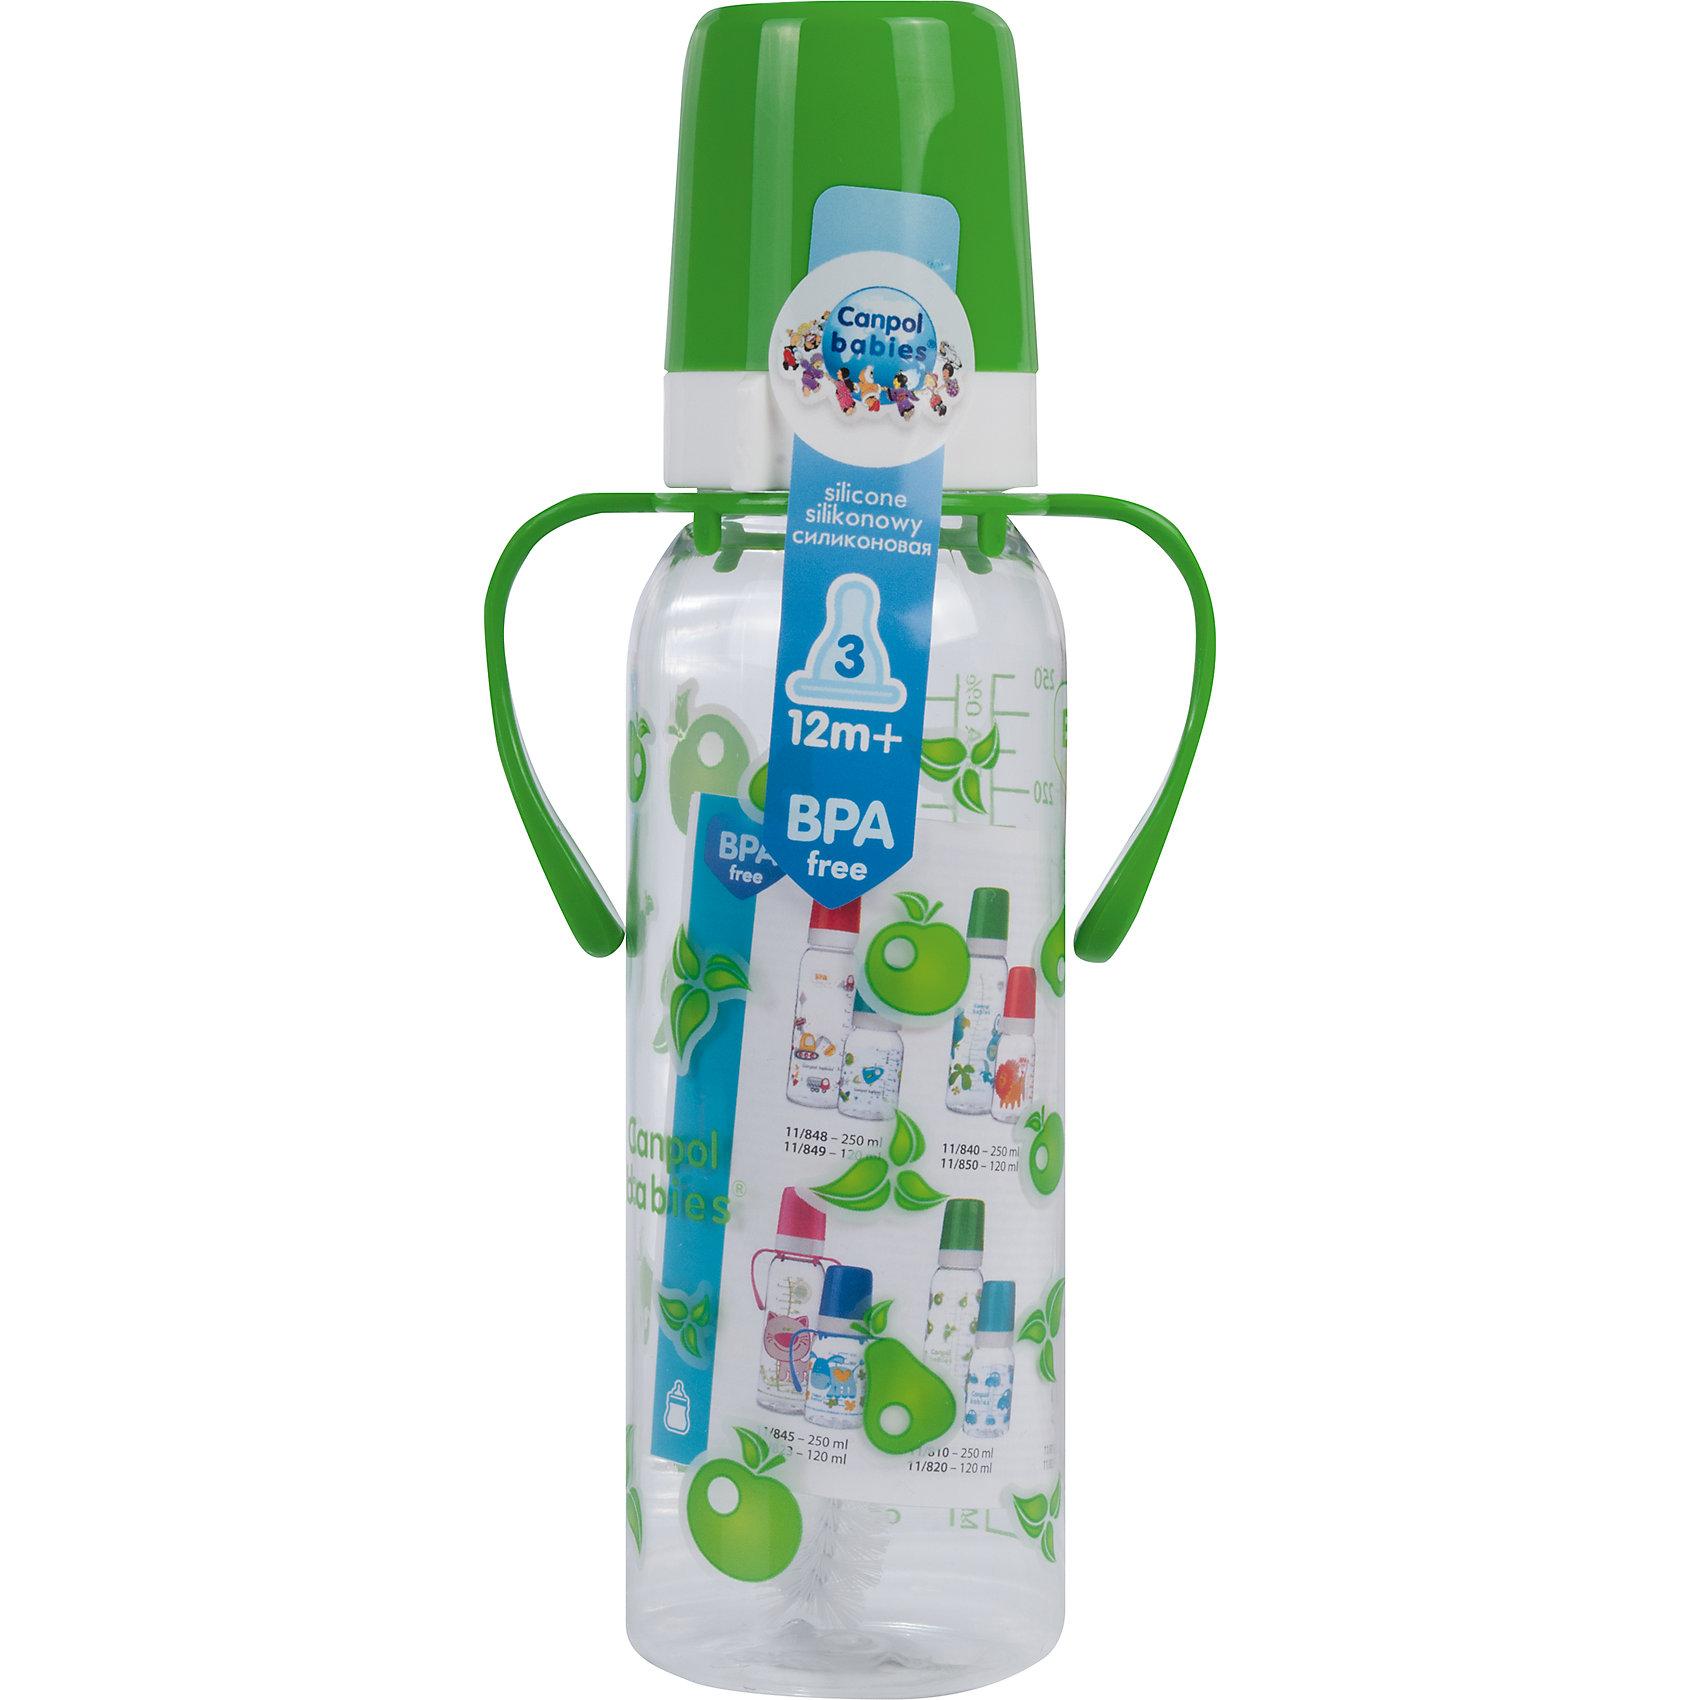 Бутылочка тритановая 250 мл. 12+, Canpol Babies, зеленый210 - 281 мл.<br>Бутылочка тритановая (BPA 0%) с ручками с сил. соской, 250 мл. 12+, Canpol Babies, (Канпол Бейбис), зеленый.<br><br>Характеристики: <br><br>• Объем бутылочки: 250 мл.<br>• Материал бутылочки: тритан - пластик нового поколения.<br>• Материал соски: силикон.<br>• Цвет : зеленый. <br>• Удобные ручки.<br>Бутылочка тритановая (BPA 0%) с ручками с сил. соской, 250 мл. 12+, Canpol Babies, (Канпол Бейбис) имеет классическую форму и снабжена ручками. Удобна в использовании дома и в дороге. Бутылочка выполнена из безопасного качественного материала - тритана, который хорошо держит тепло, снабжена силиконовой соской (быстрый поток) и защитным колпачком, имеет удобную мерную шкалу.  Такую бутылочку и все части можно кипятить в воде или стерилизовать с помощью специального прибора. Не впитывает запахи. По мере взросления малыш сможет самостоятельно пить из бутылочки, держа  ее за удобные ручки. Забавный принт безусловно привлечет внимание вашего малыша.<br>Бутылочку тритановая (BPA 0%) с ручками с сил. соской, 250 мл. 12+, Canpol Babies, (Канпол Бейбис), зеленый можно купить в нашем интернет- магазине.<br><br>Ширина мм: 90<br>Глубина мм: 54<br>Высота мм: 235<br>Вес г: 710<br>Возраст от месяцев: 12<br>Возраст до месяцев: 36<br>Пол: Унисекс<br>Возраст: Детский<br>SKU: 5156794